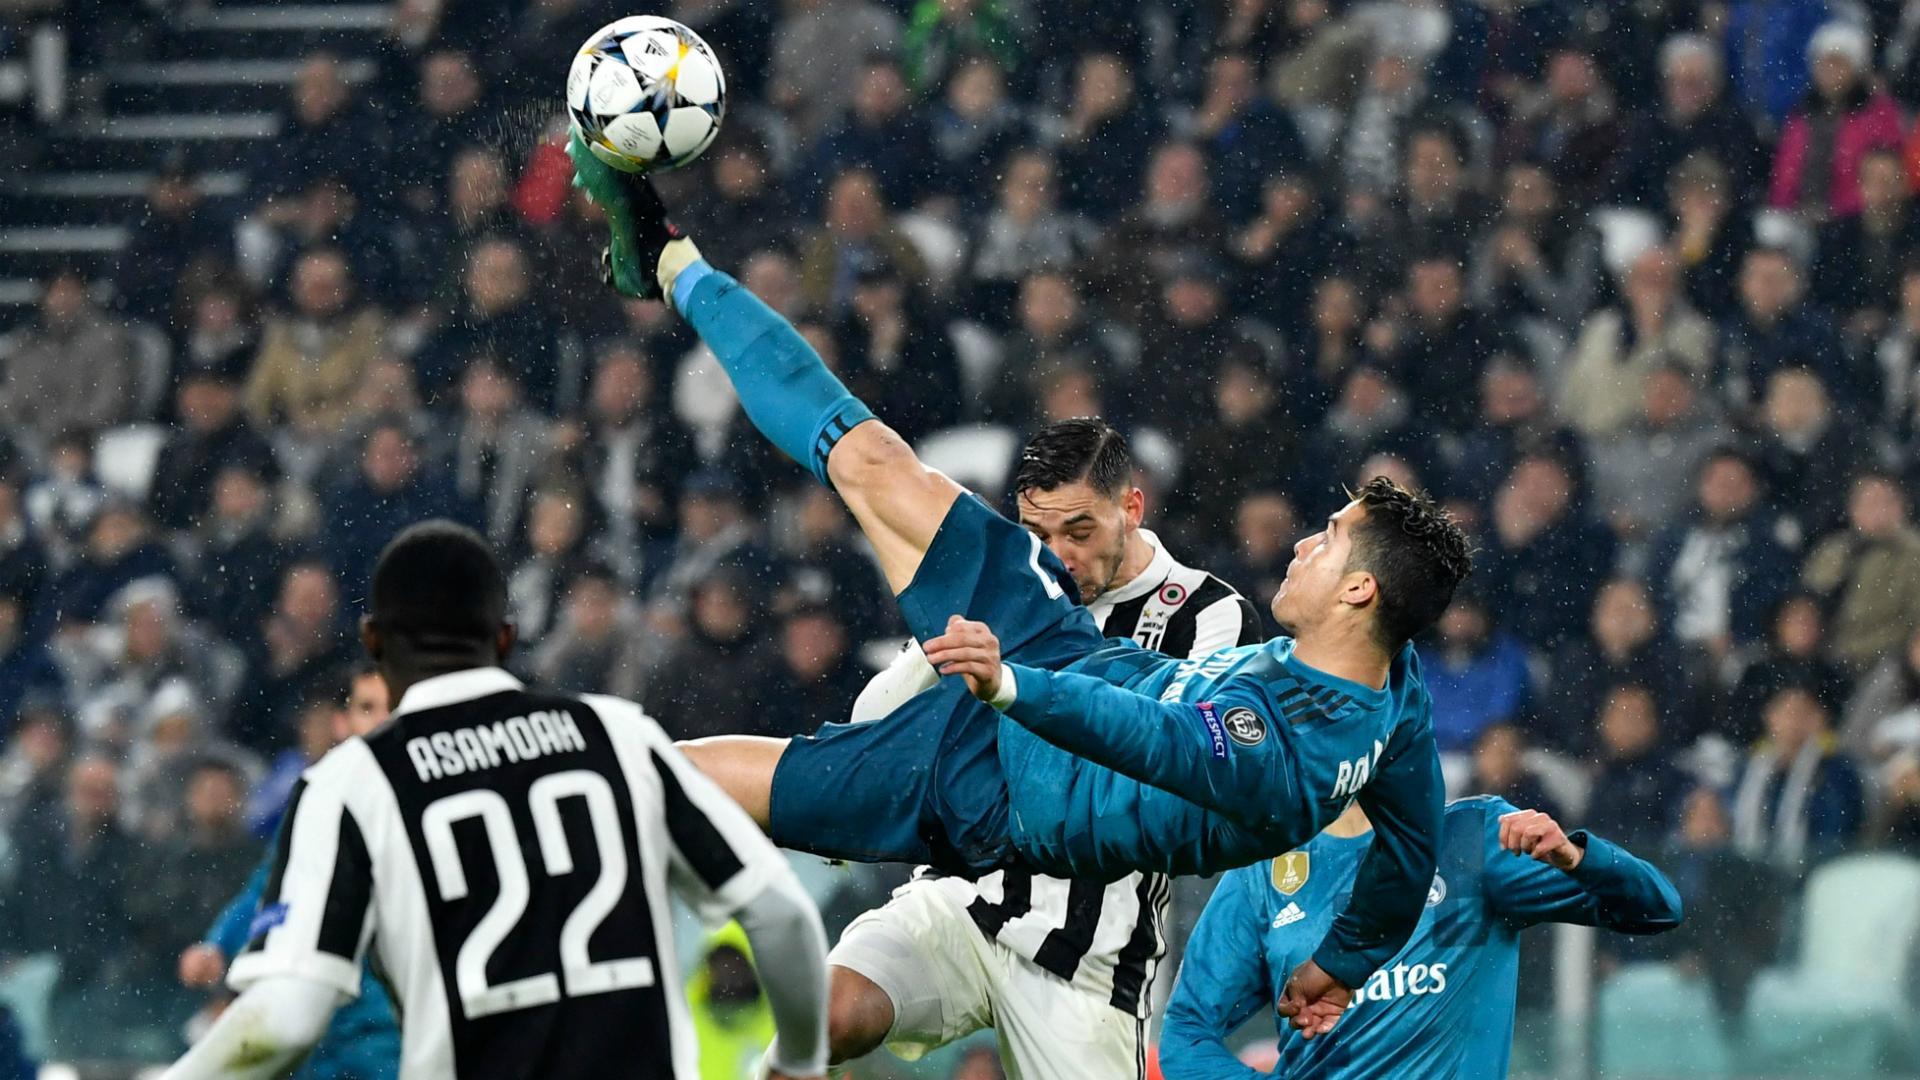 ผลการค้นหารูปภาพสำหรับ ซัวเรซ, ซาลาห์ หรือคริสเตียโน โรนัลโด้? โหวตเลือก UEFA Champions League Goal of the Week โดย Nissan